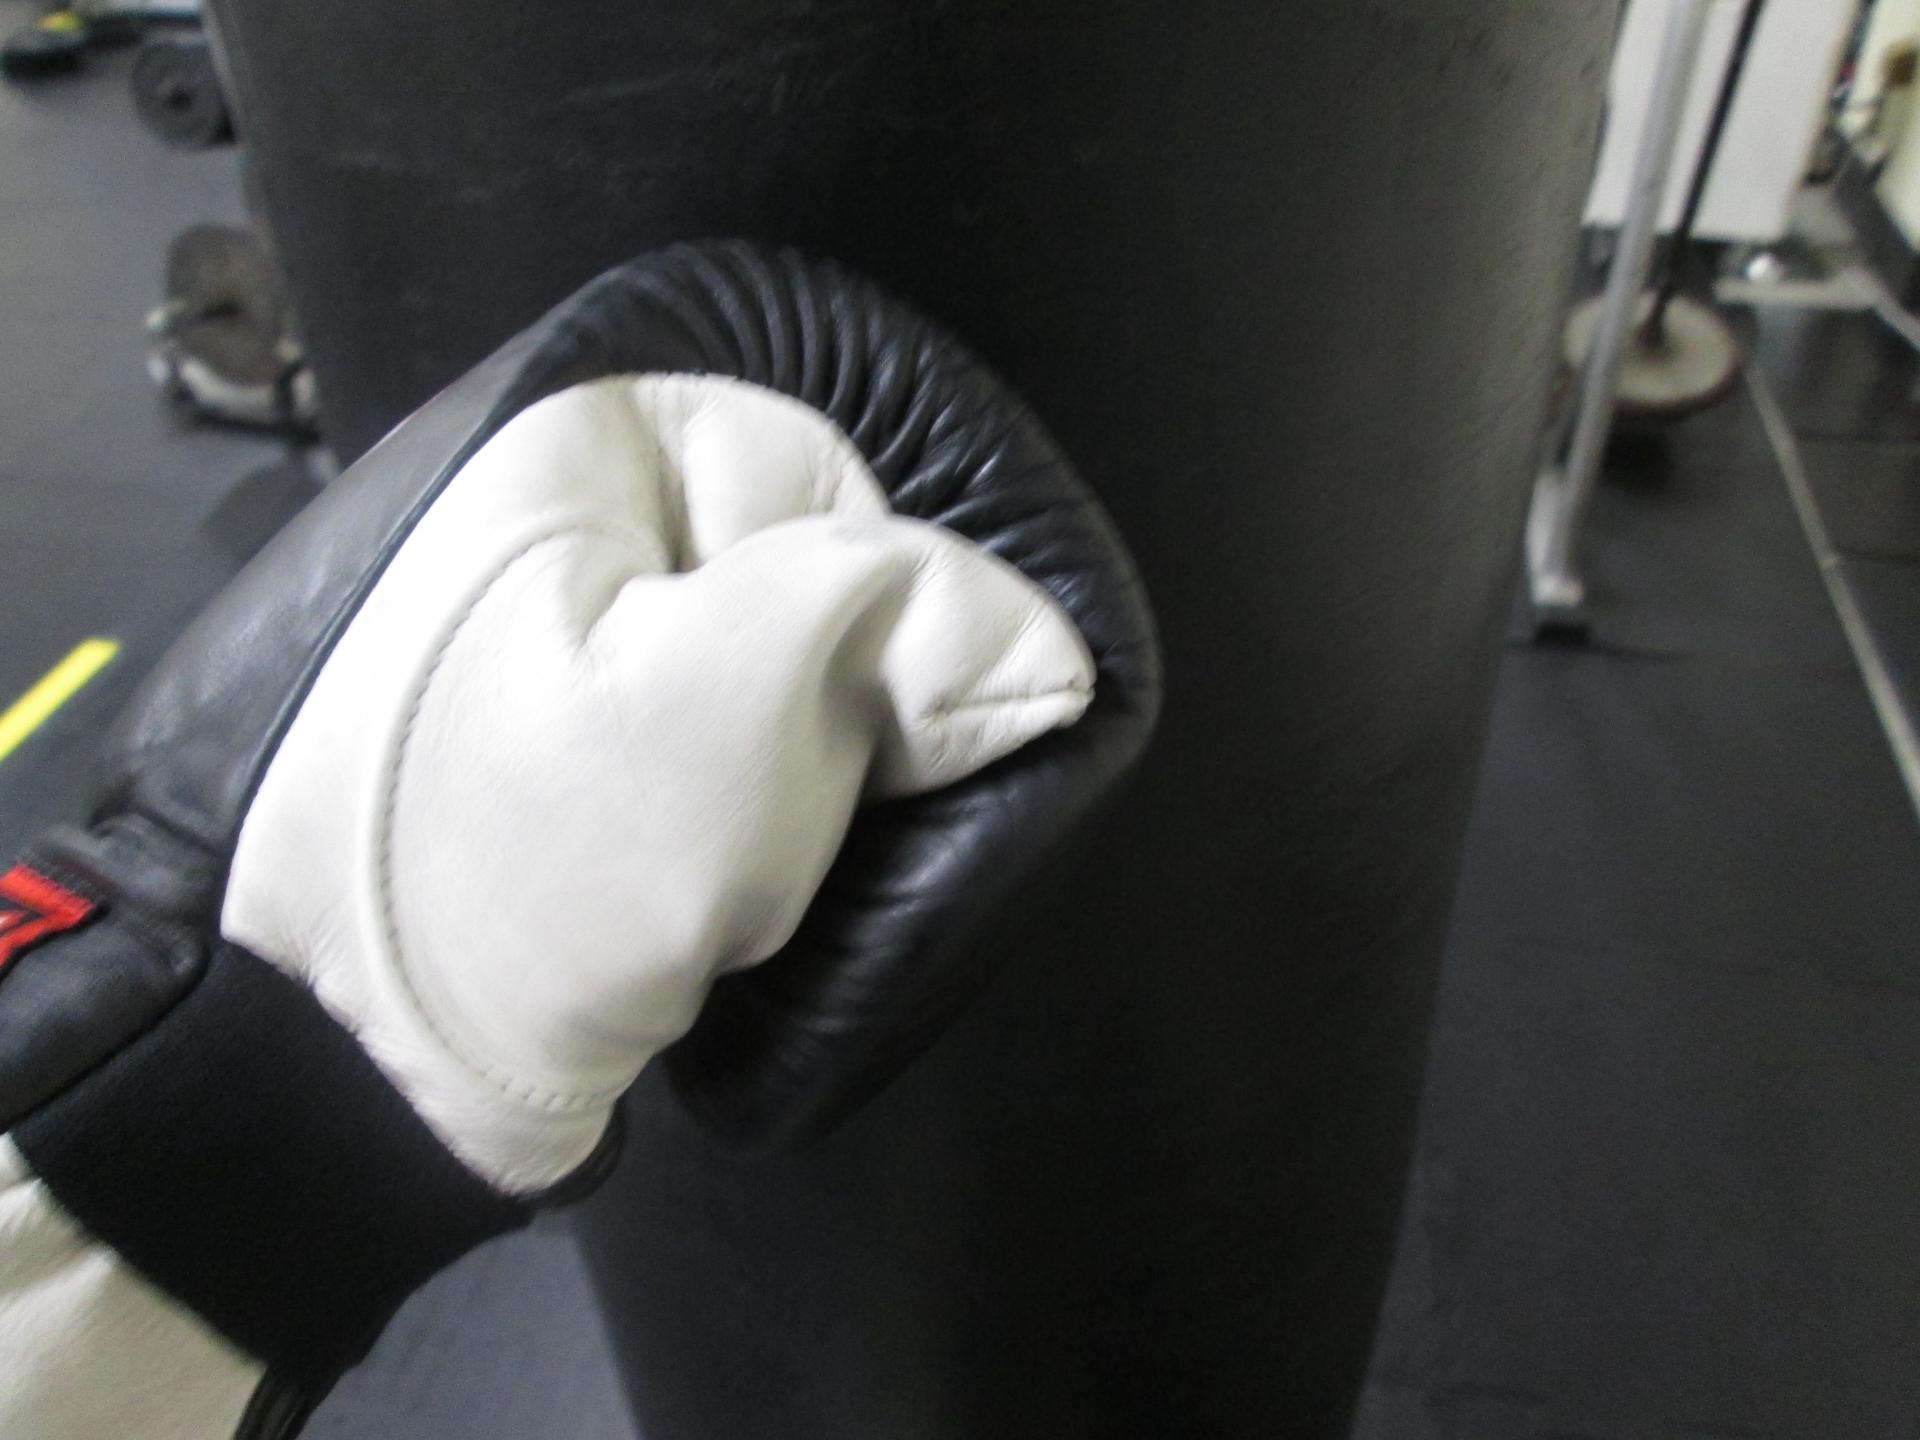 ボクシングは体重によってパンチ力に差がでるのか